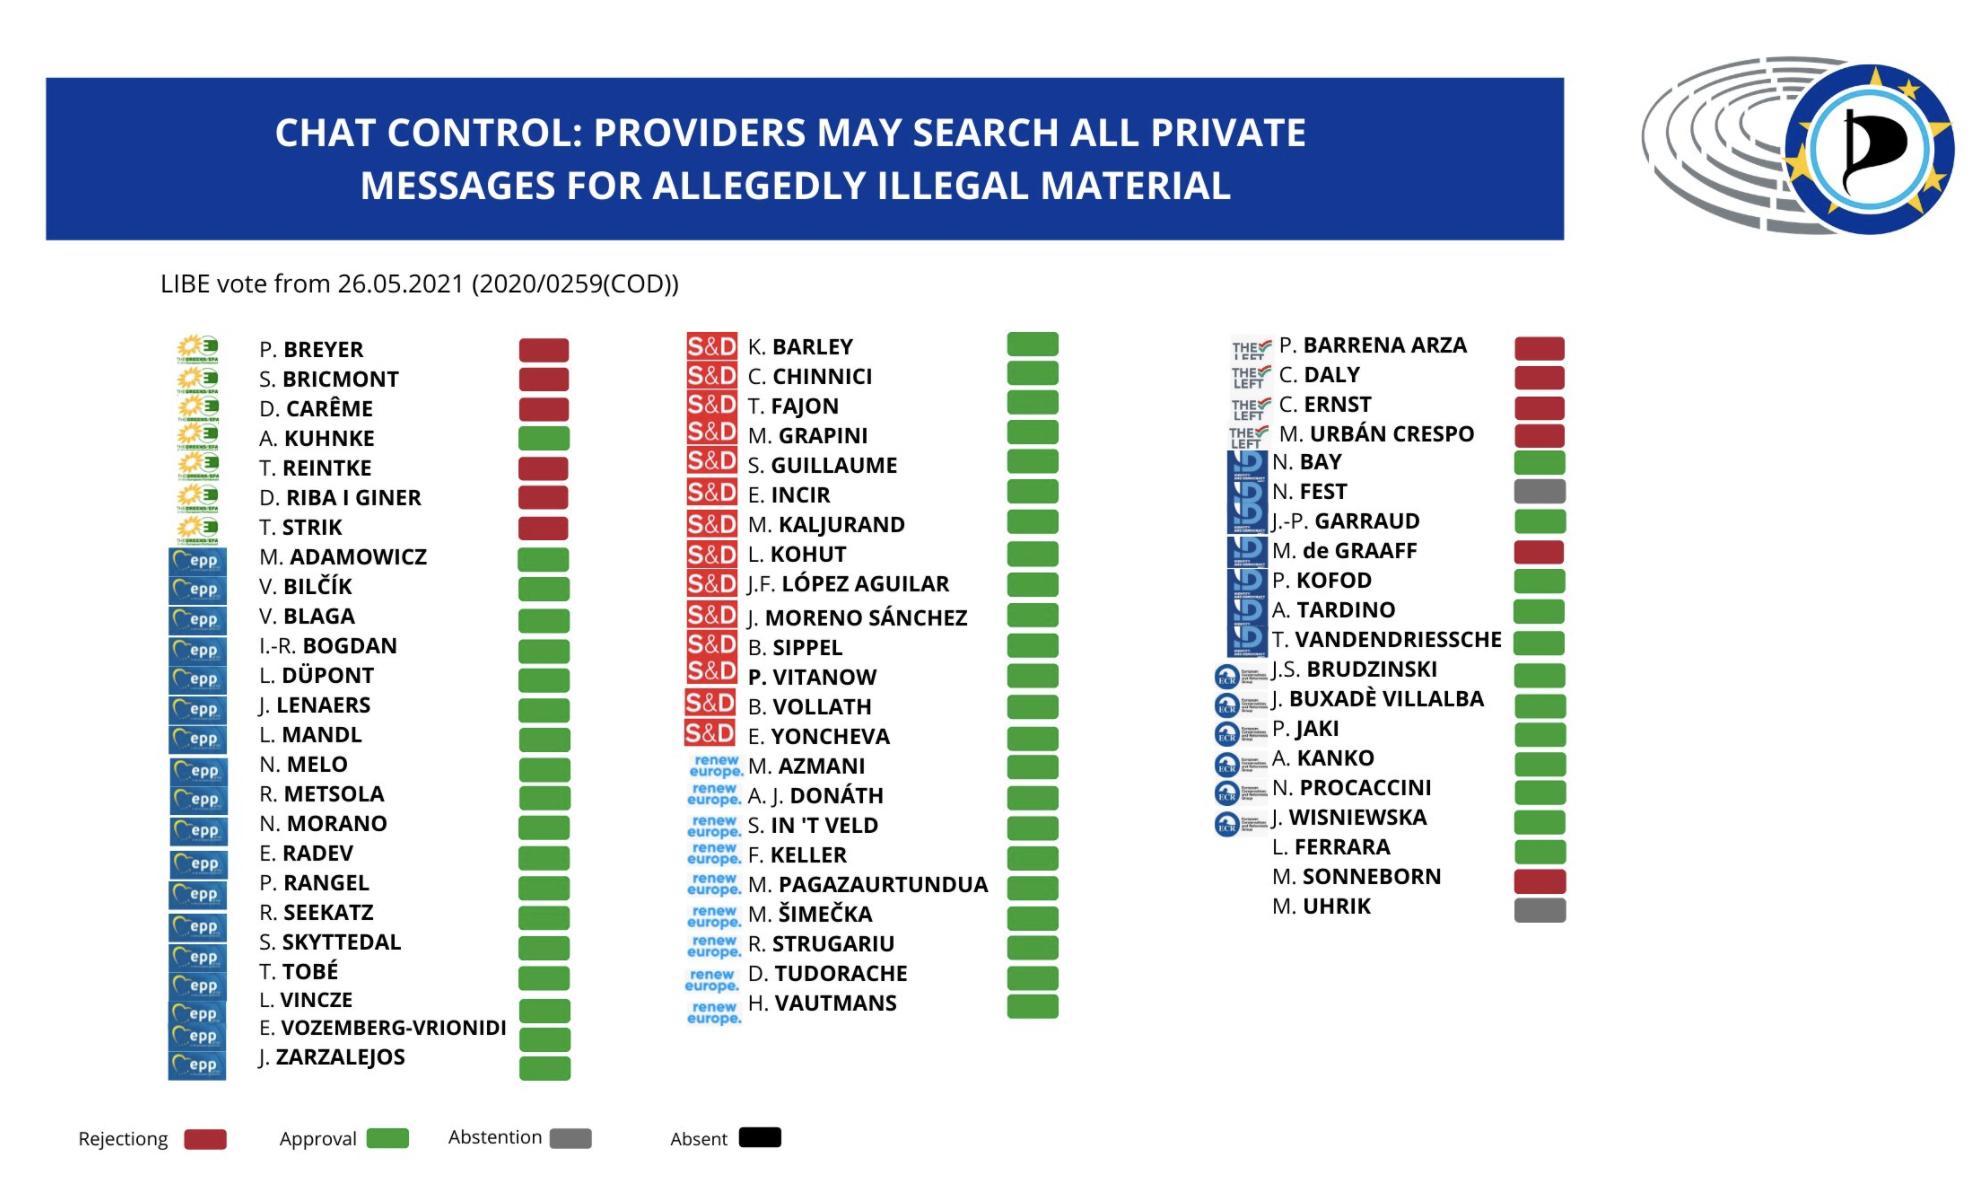 Graf: Så röstade utskottet LIBE om Chatcontrol